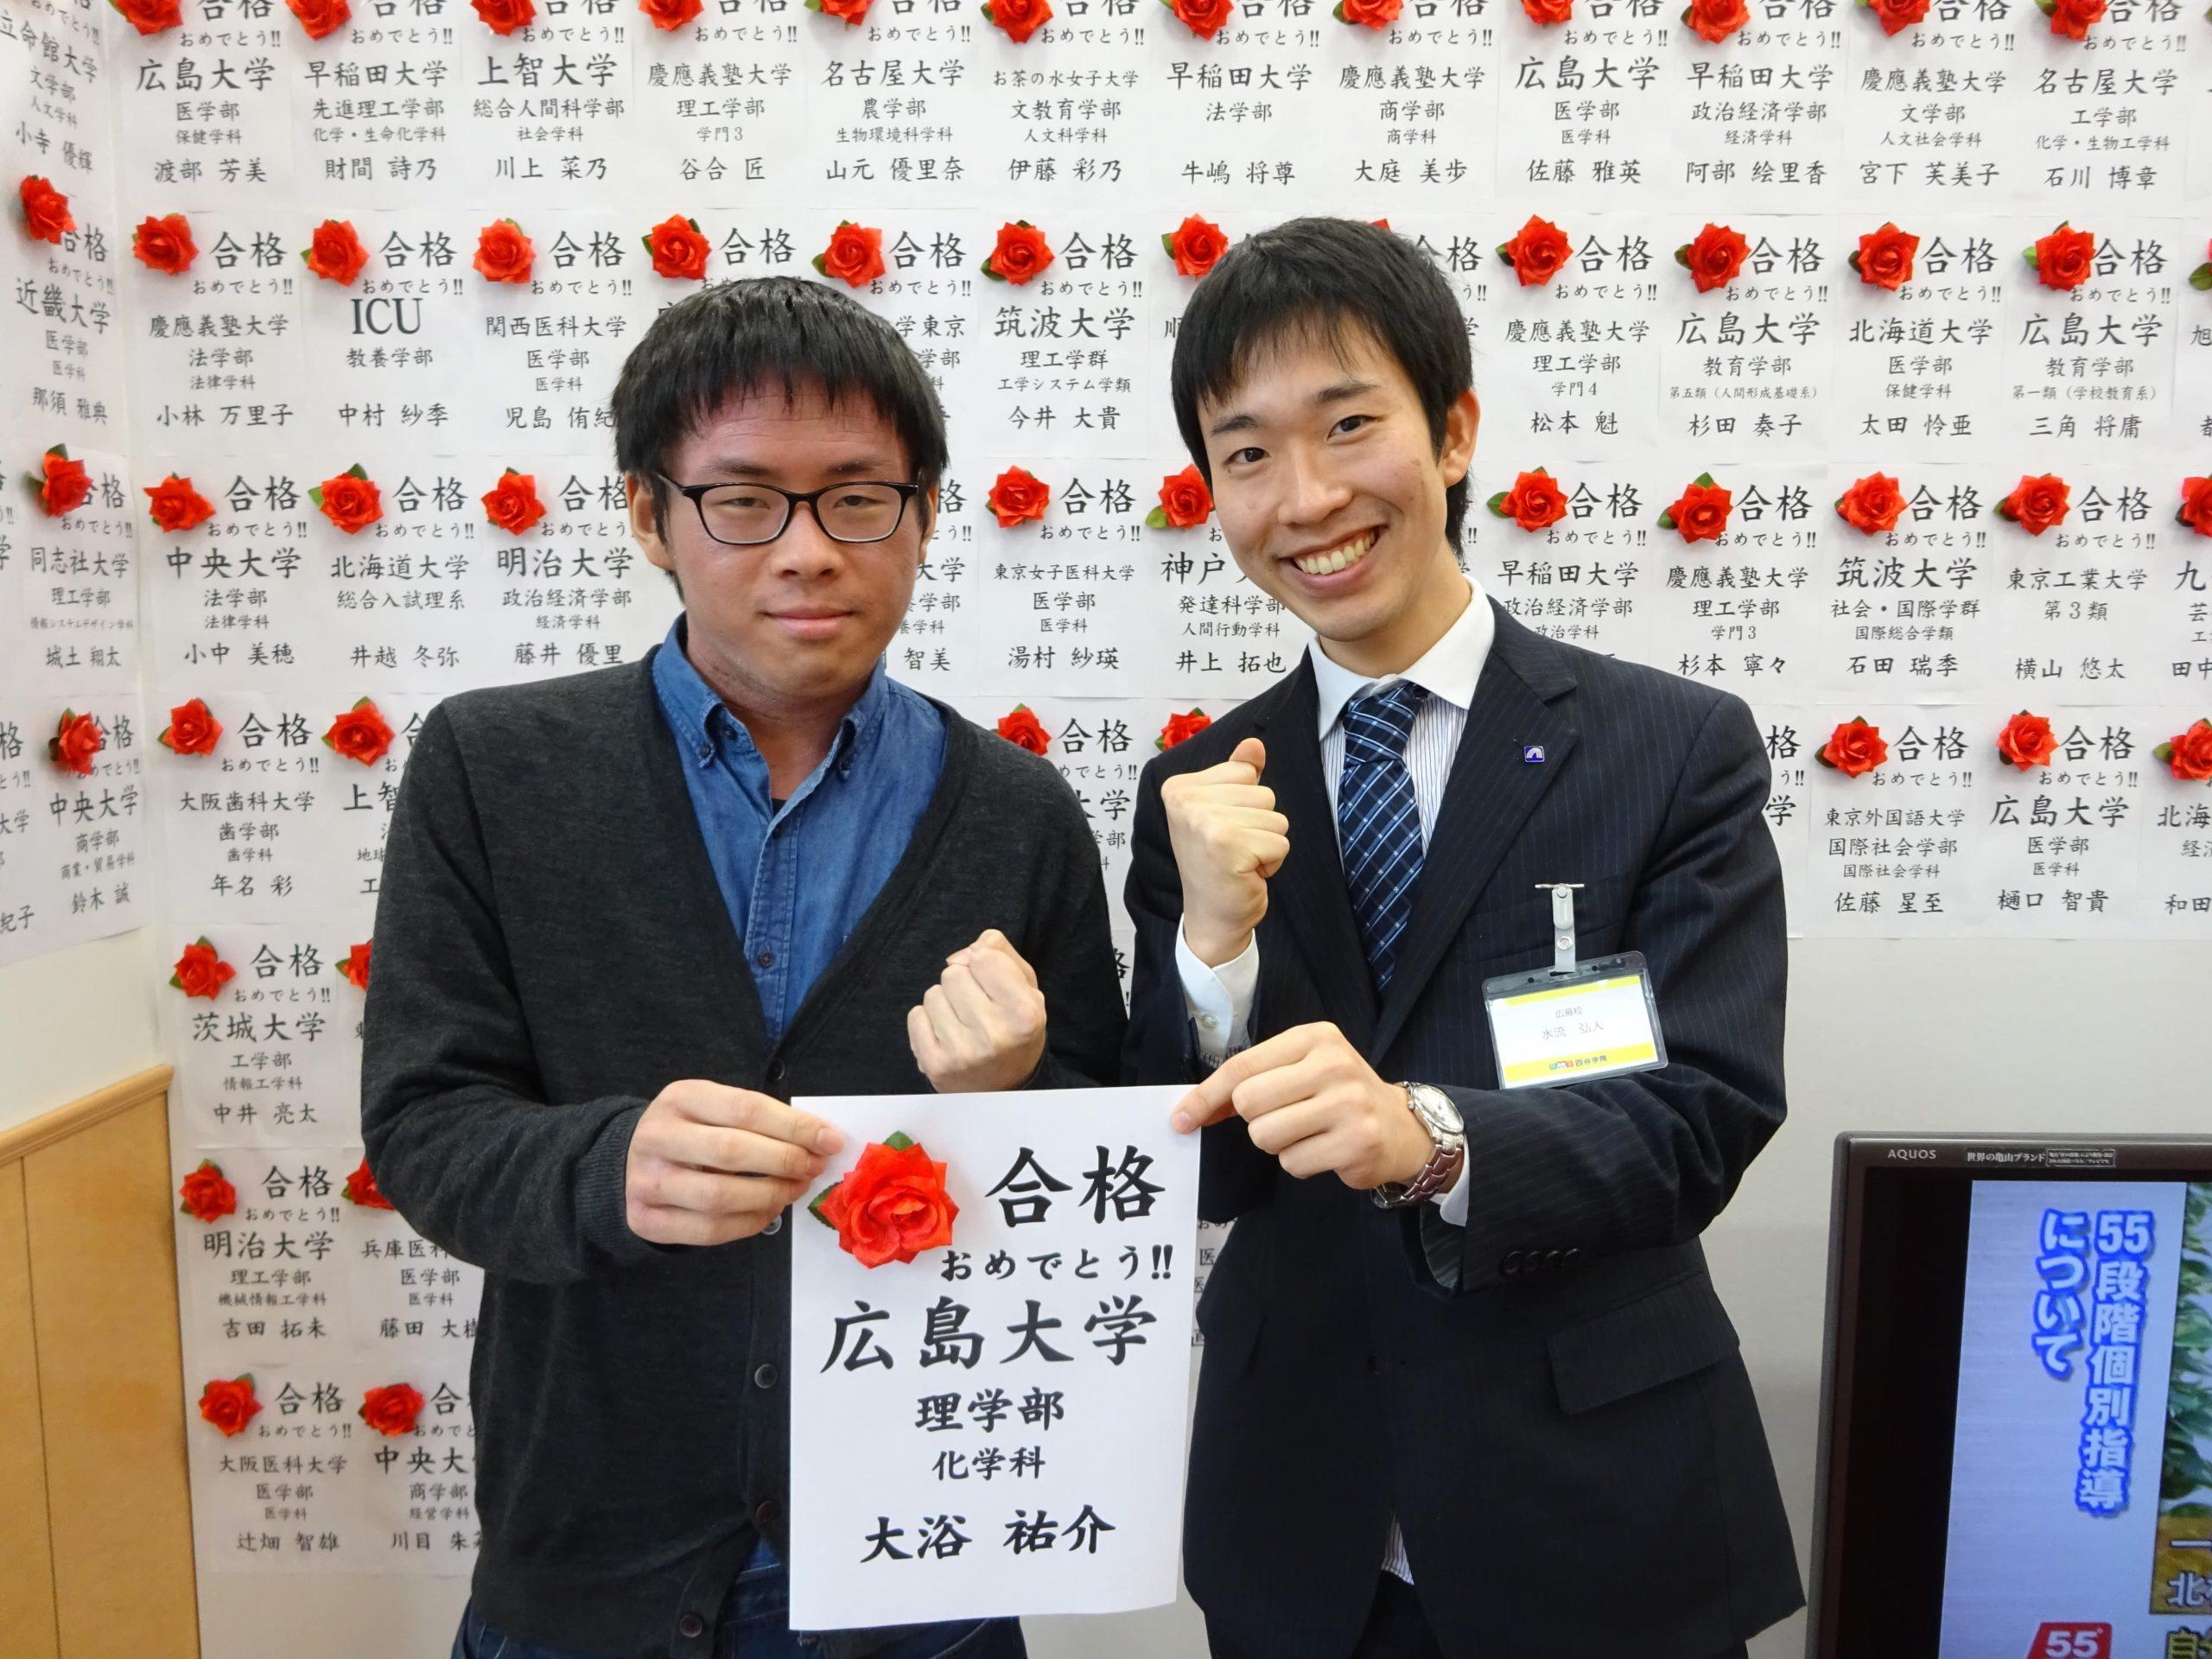 広島大学合格者2